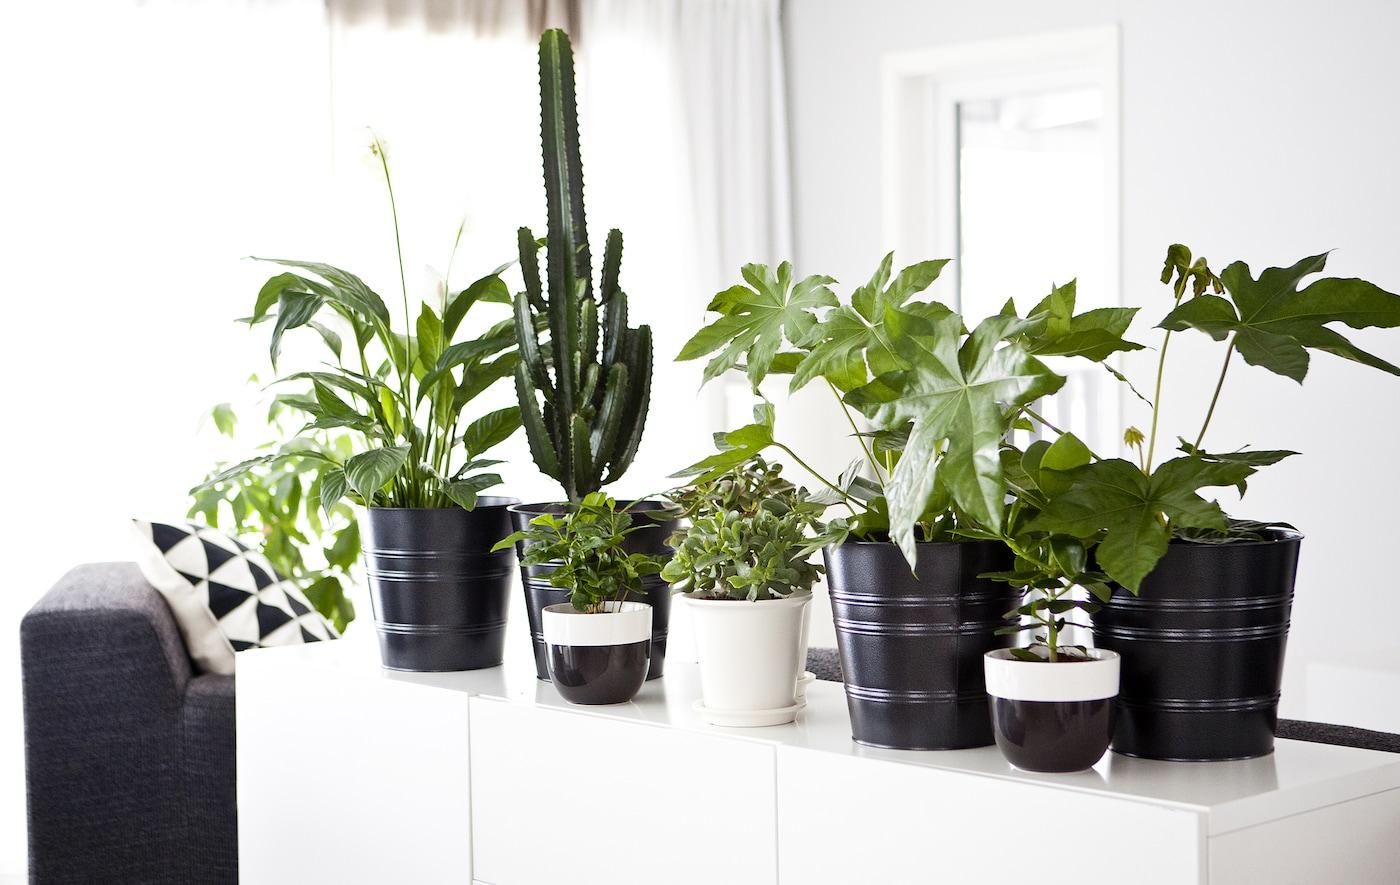 たくさんの緑の植物の鉢植えでデコレーションされた白いサイドボードのある、モノクロームのインテリア。